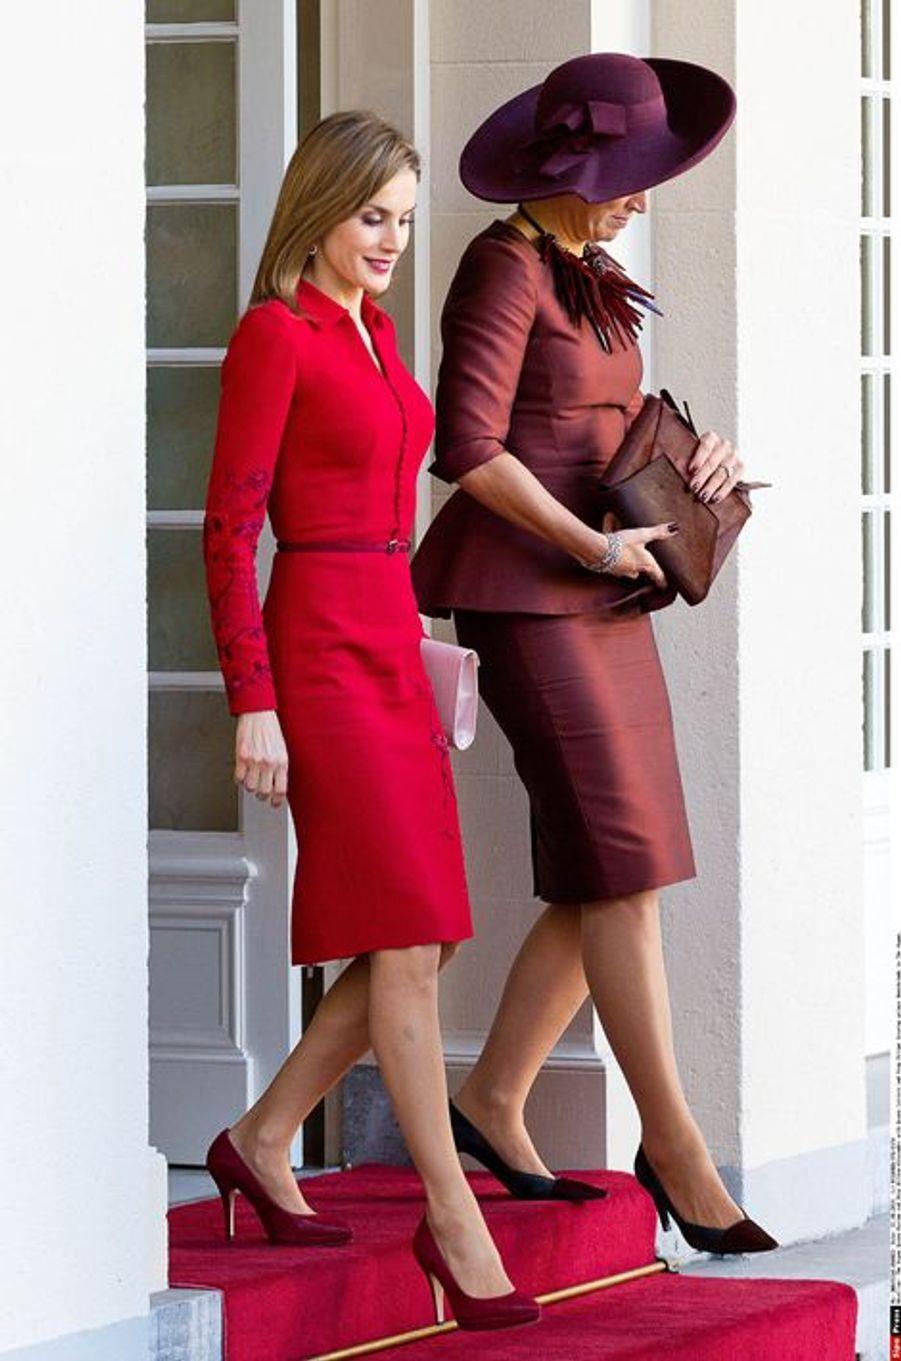 La reine Letizia d'Espagne et la reine Maxima des Pays-Bas à La Haye, le 15 octobre 2014